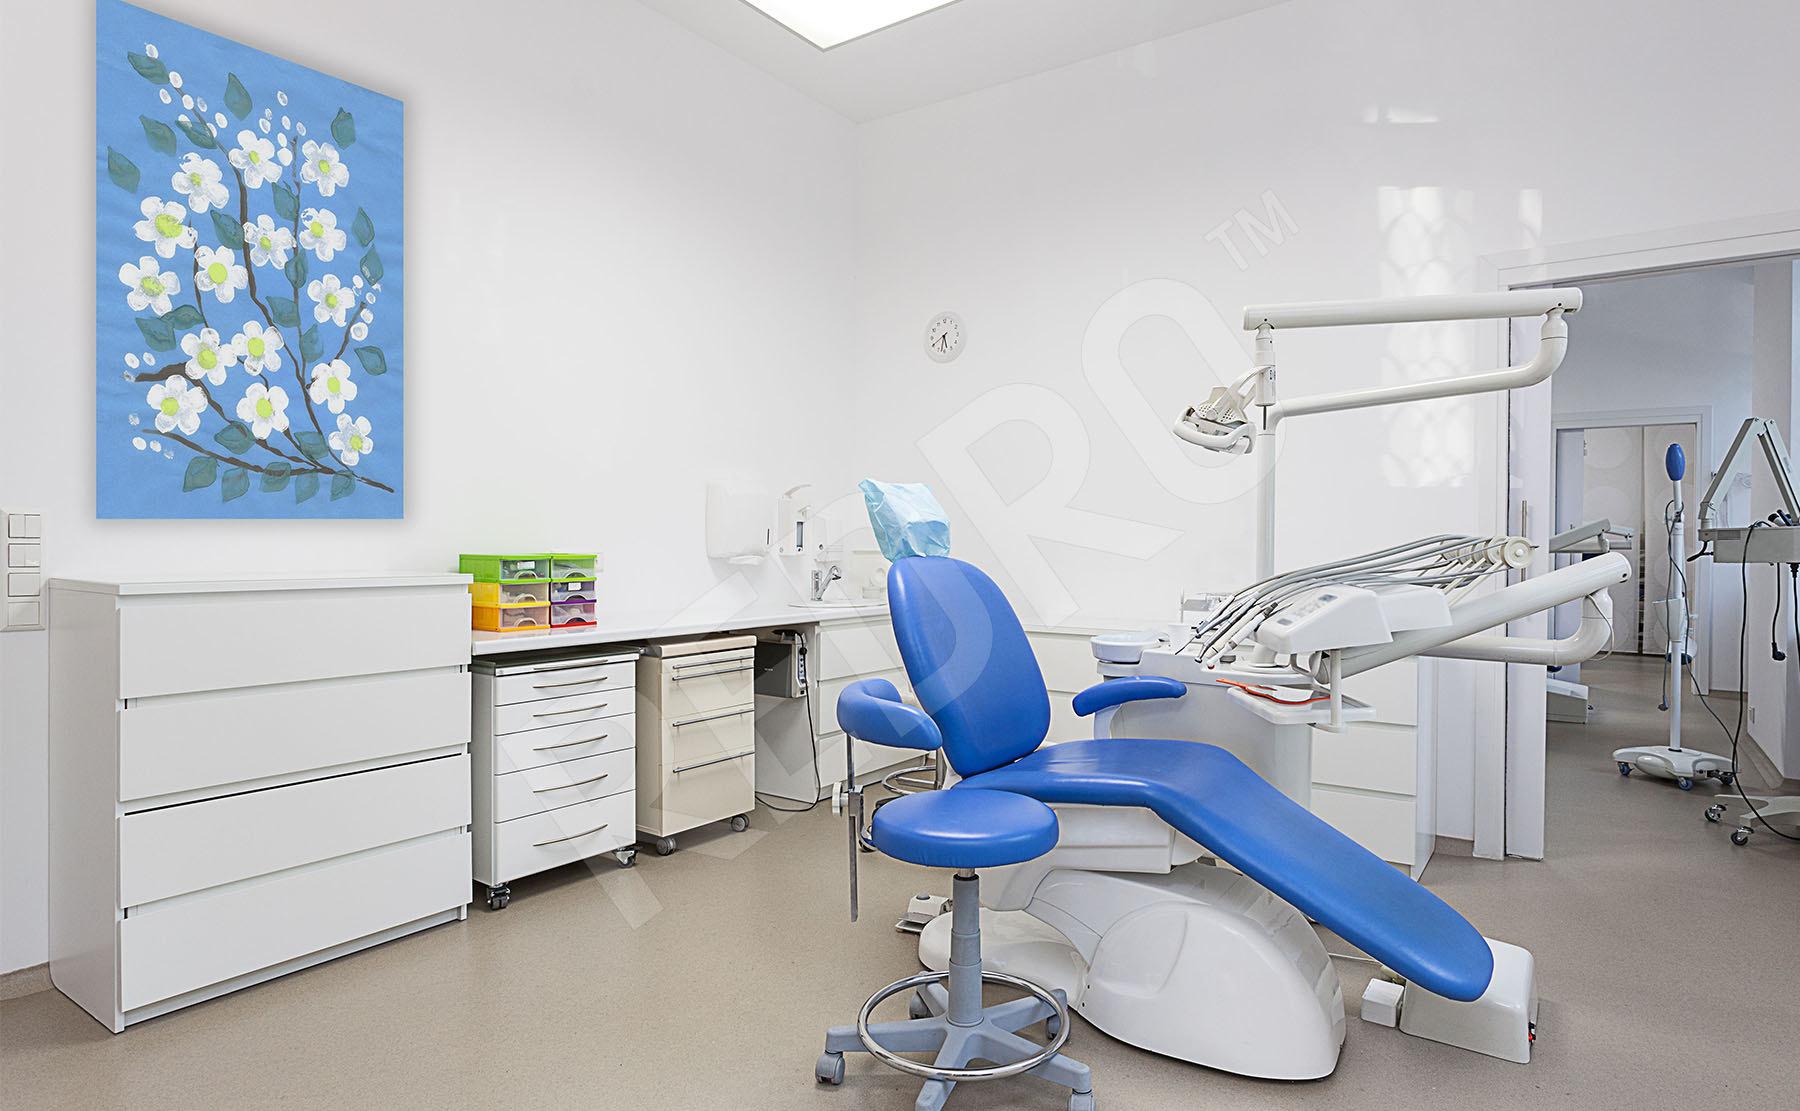 Obrazy Do Dentysty Na Wymiar Redropl